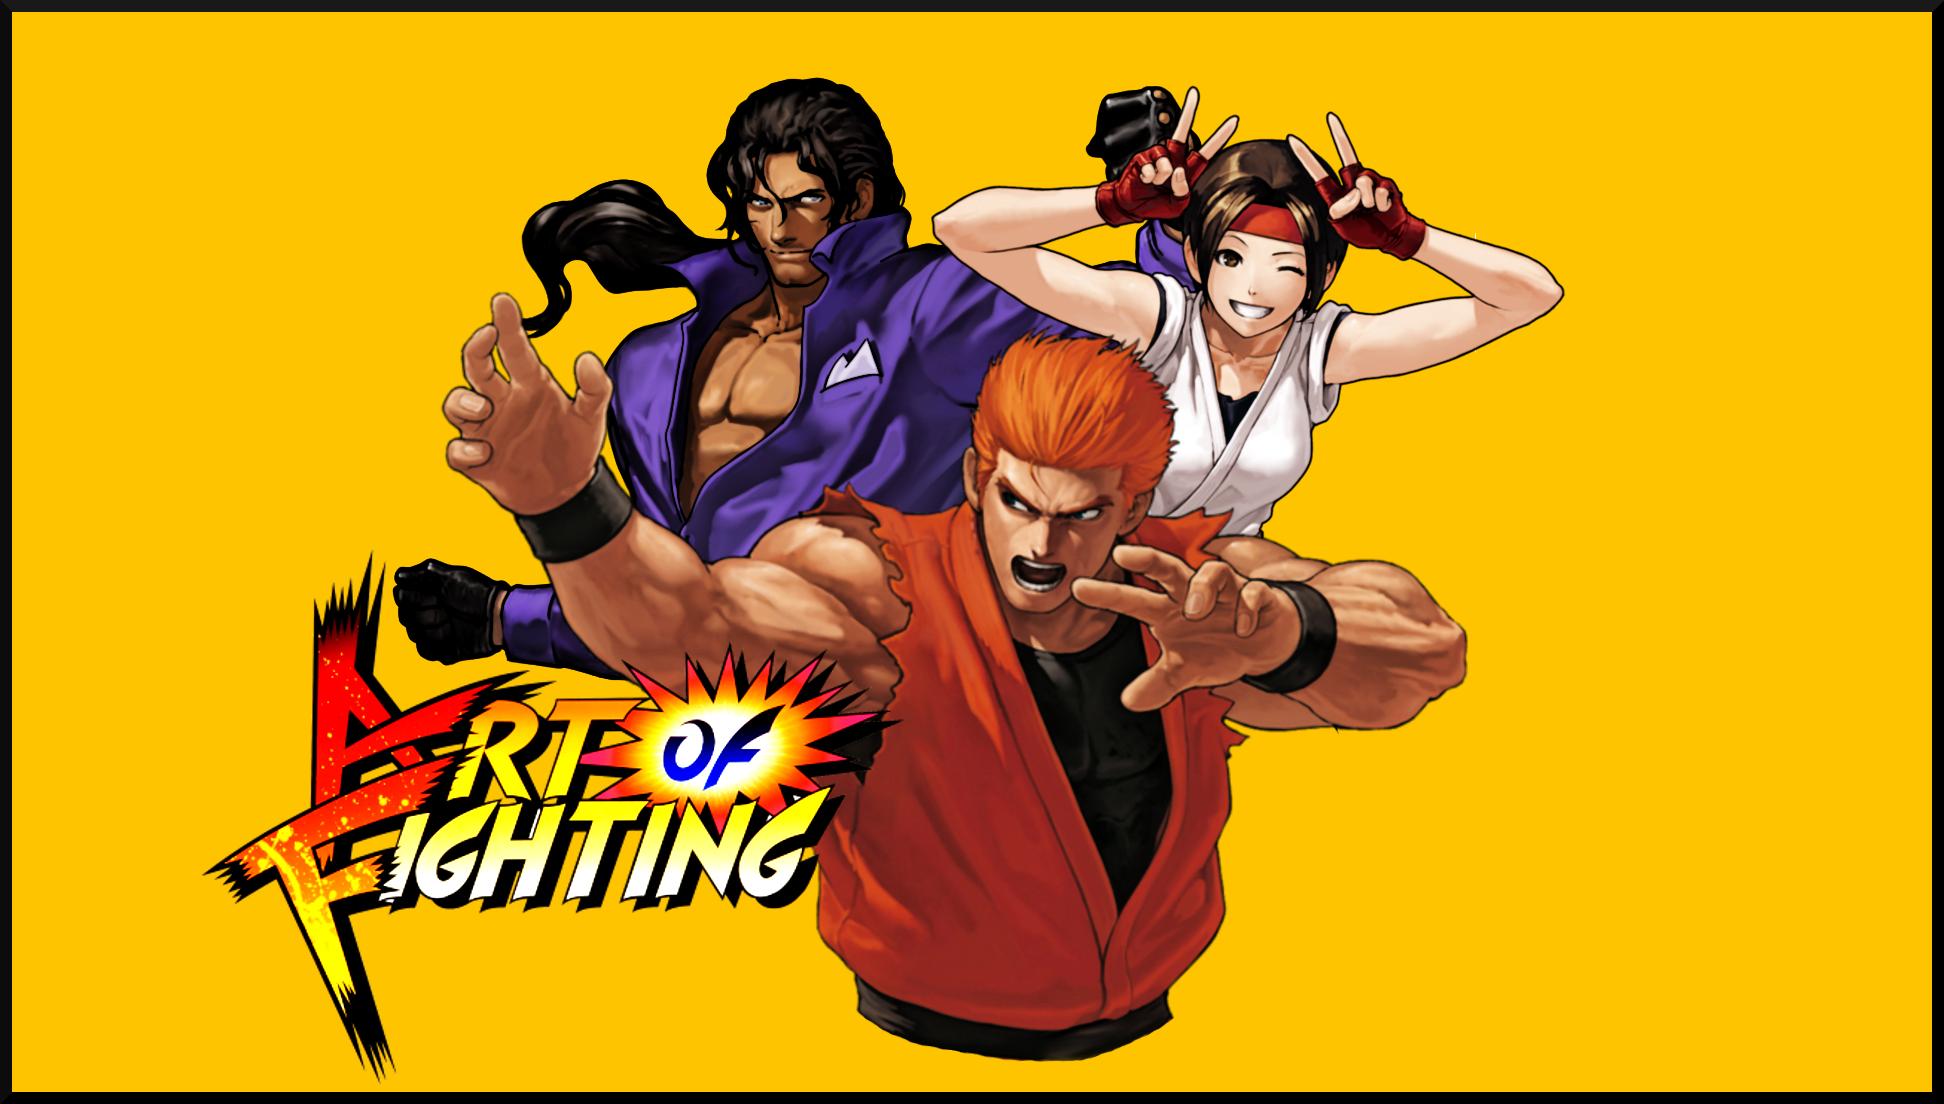 Kof Art Of Fighting Team By Topdog4815 On Deviantart